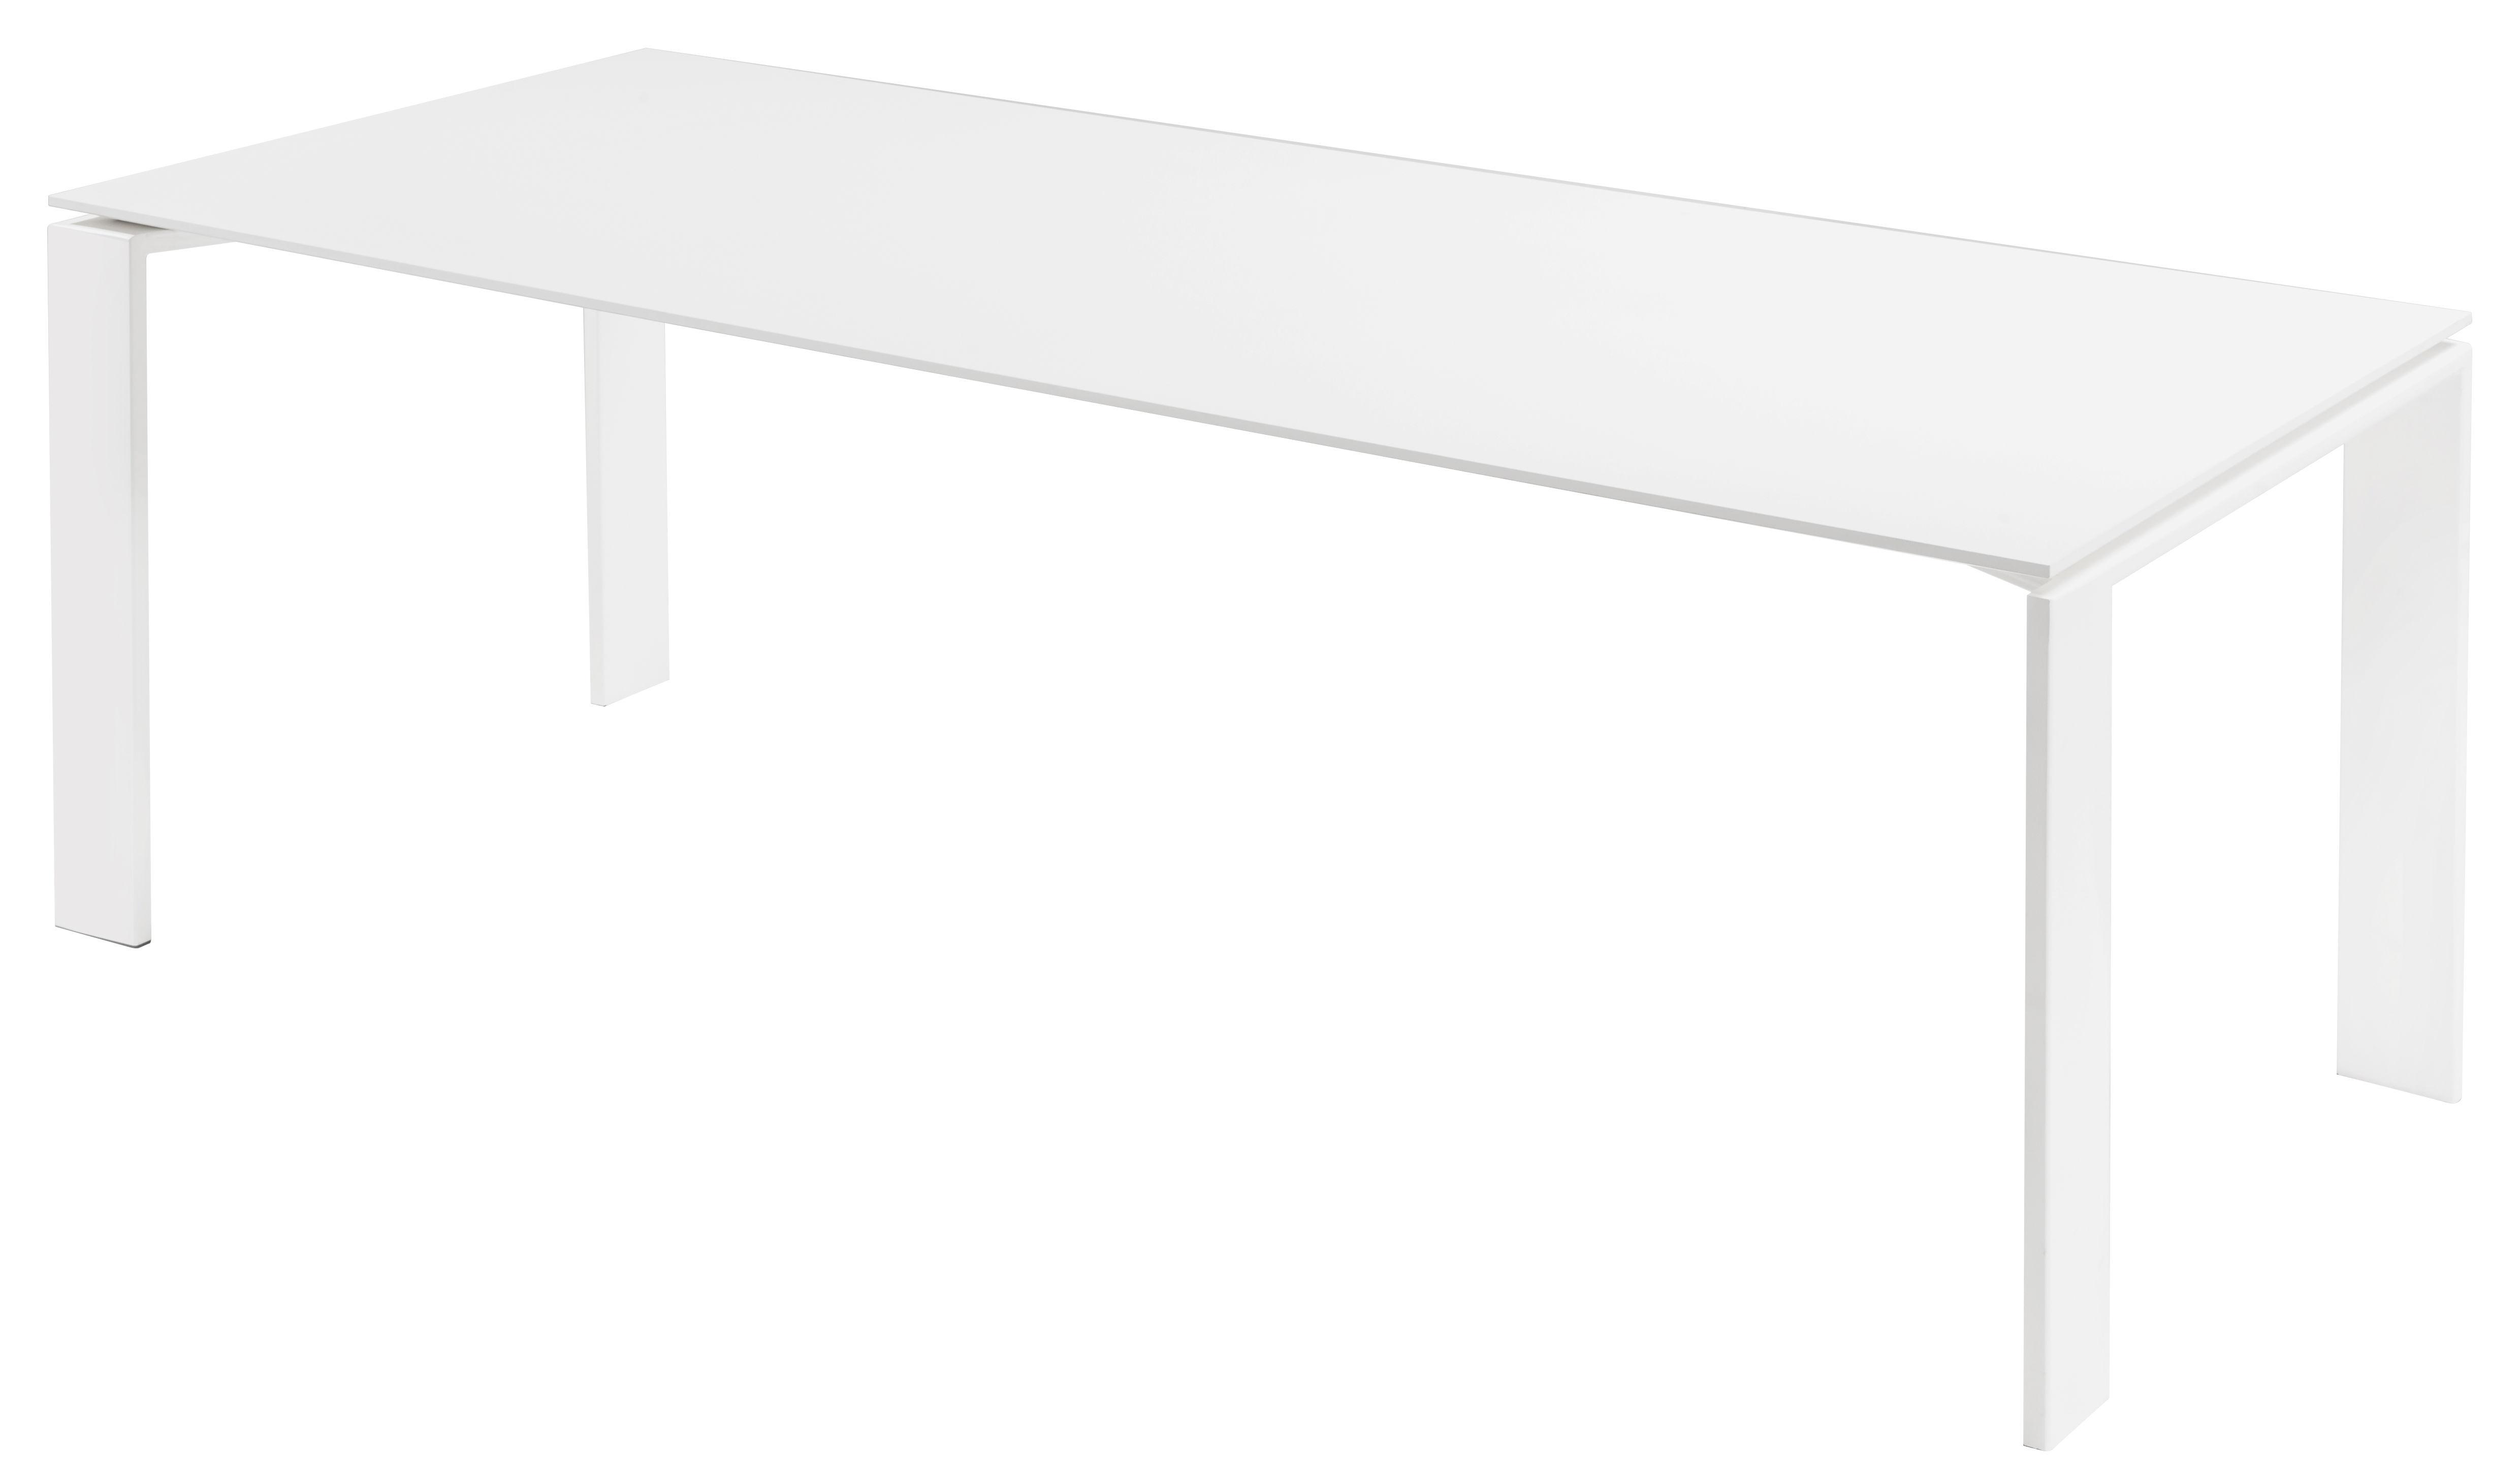 Scopri tavolo four outdoor l 190 cm l 190 cm bianco - Tavolo four kartell prezzo ...